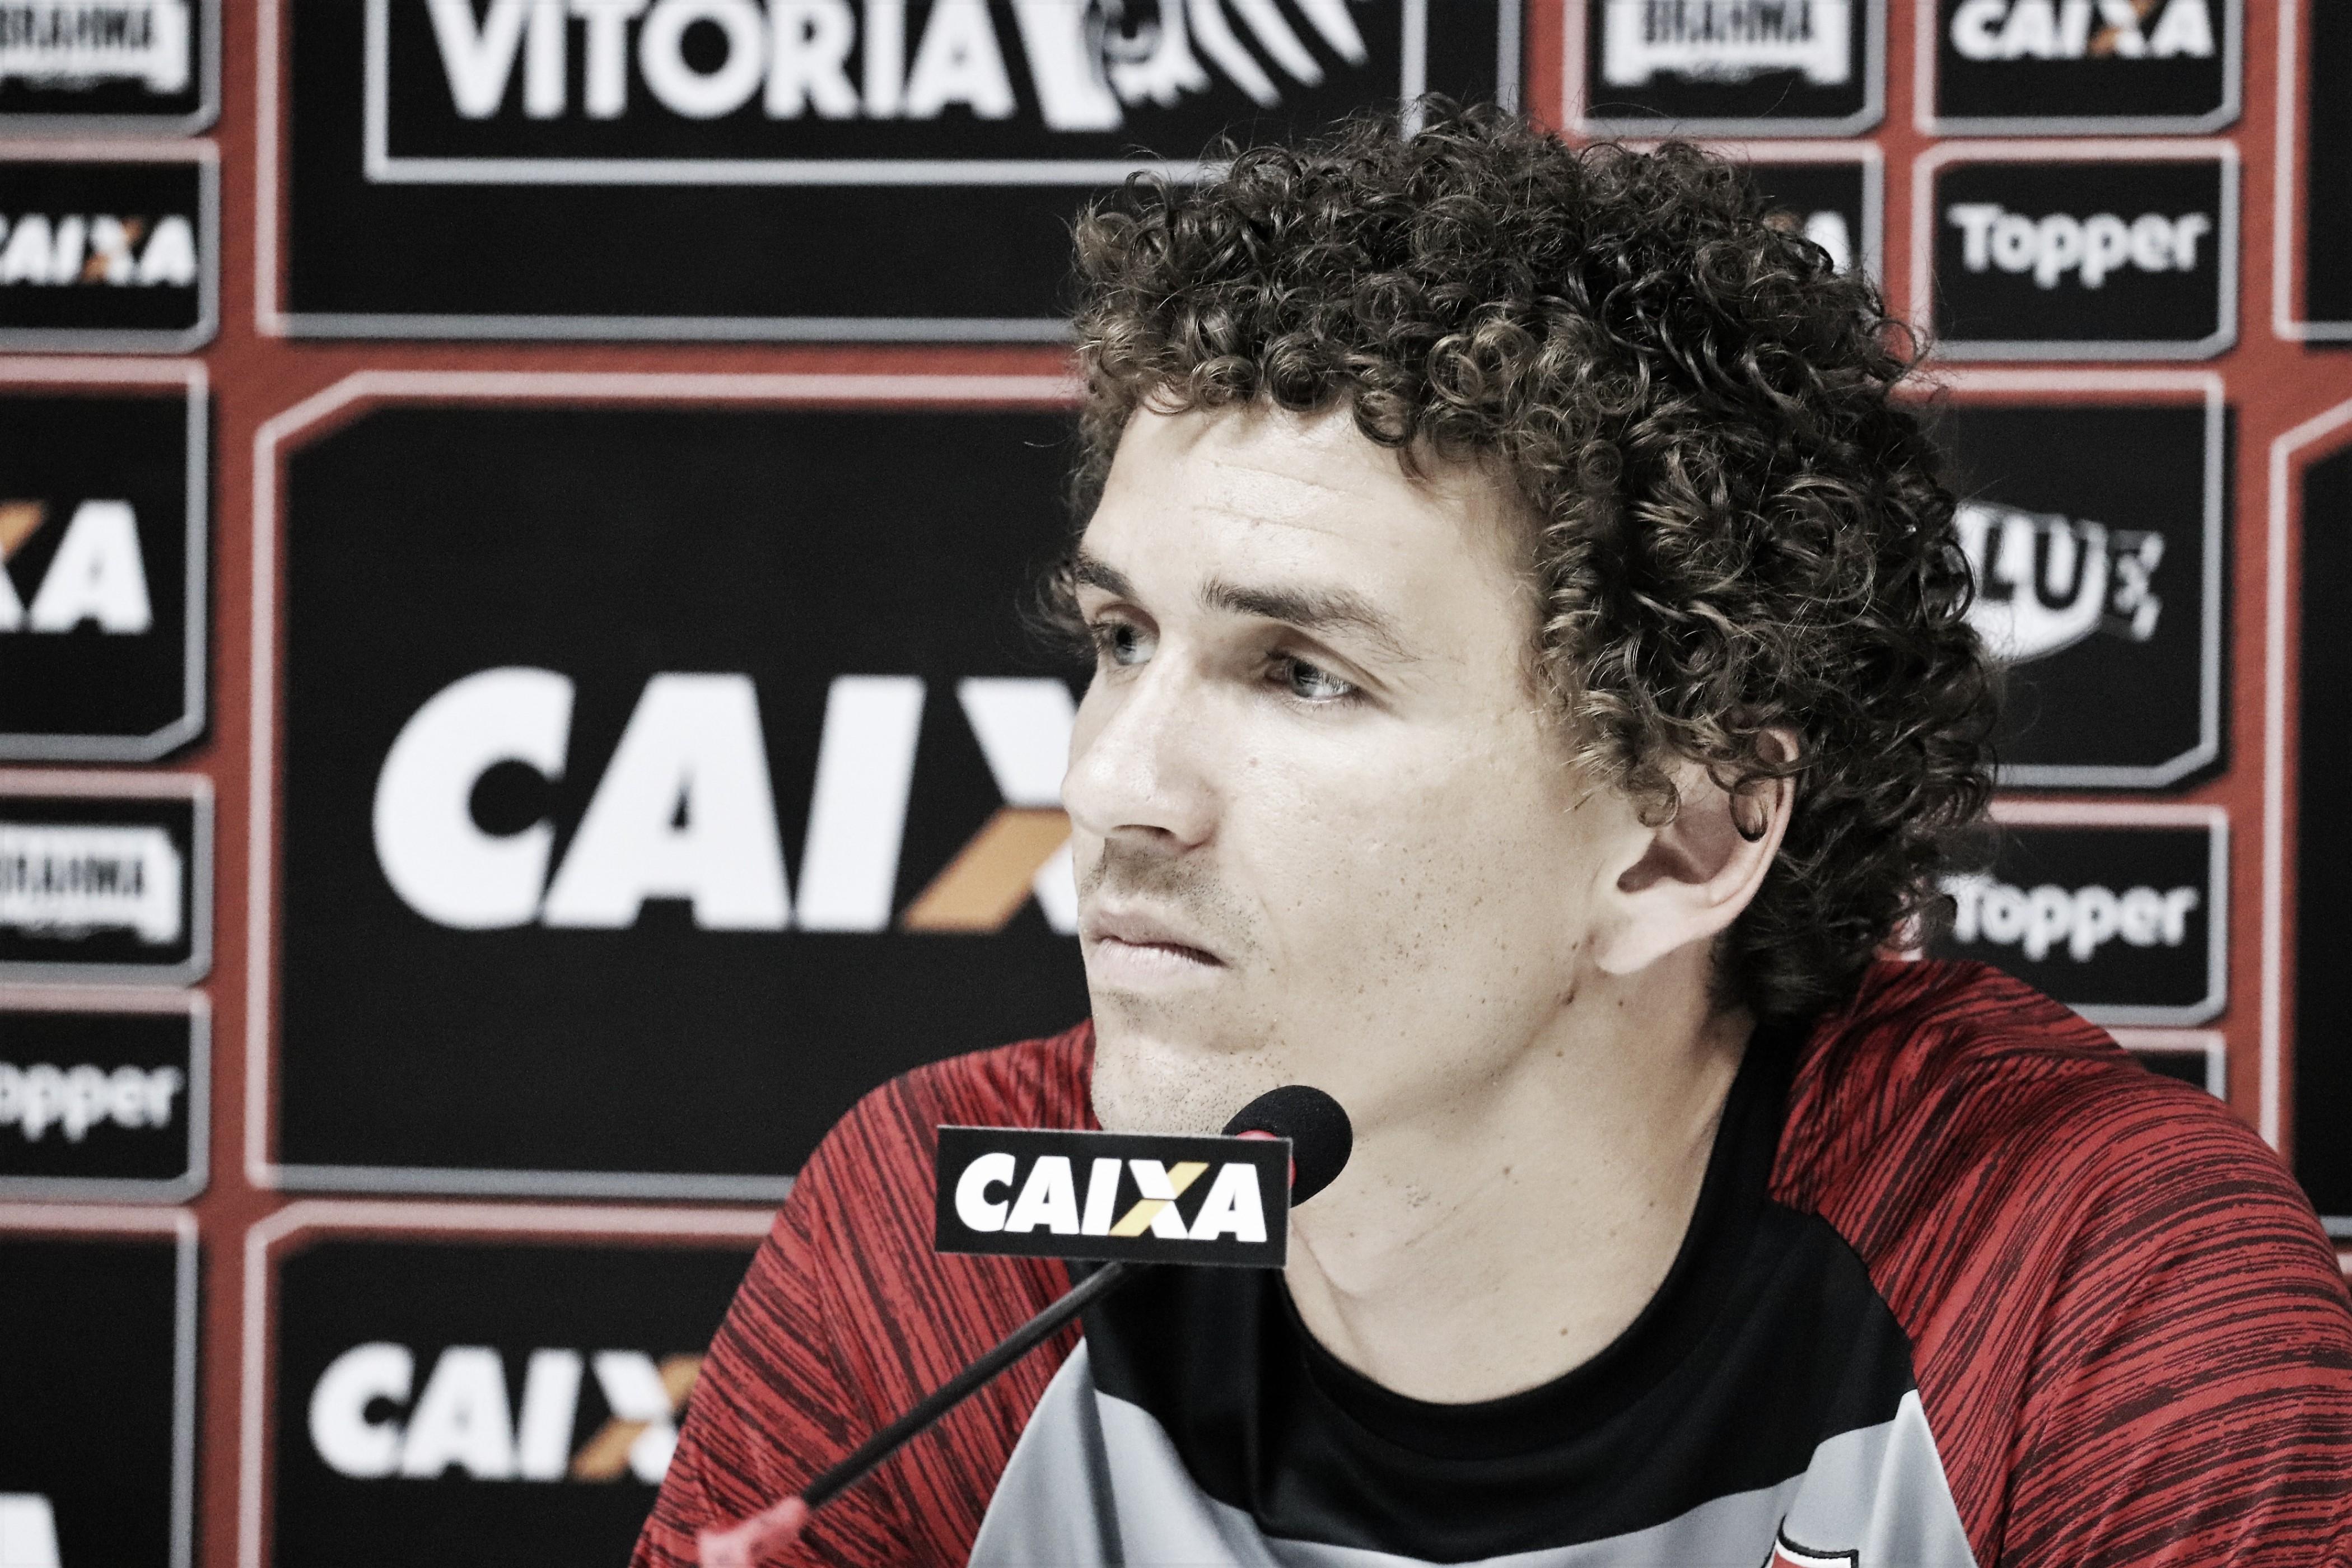 """Fabiano pede melhor desempenho do ataque do Vitória: """"Precisamos fazer mais gols"""""""